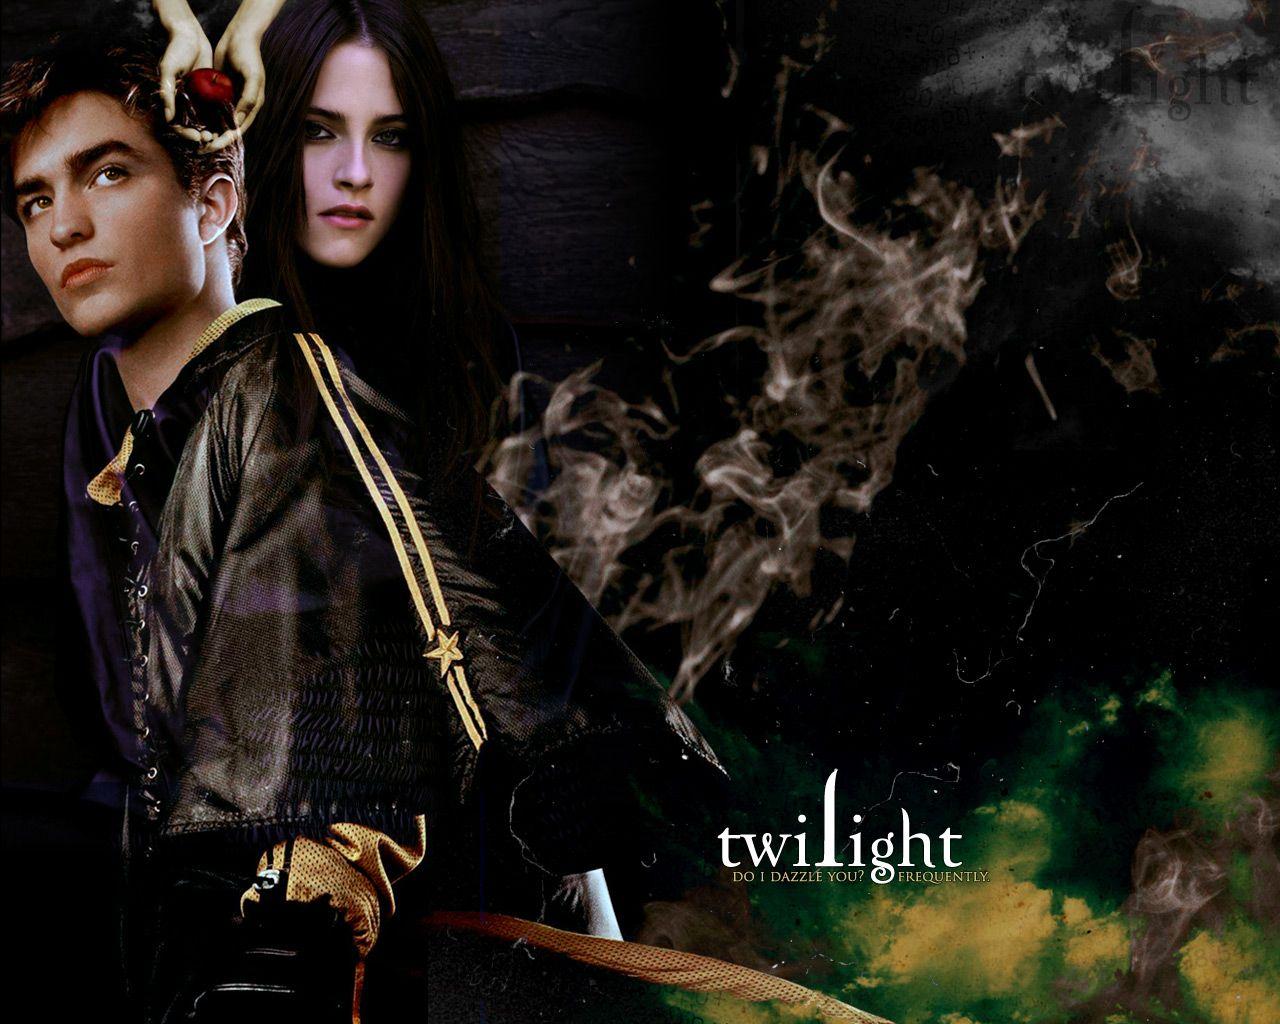 twilight-wallpaper-twilight-series-787124_1280_1024 | i luv twilight